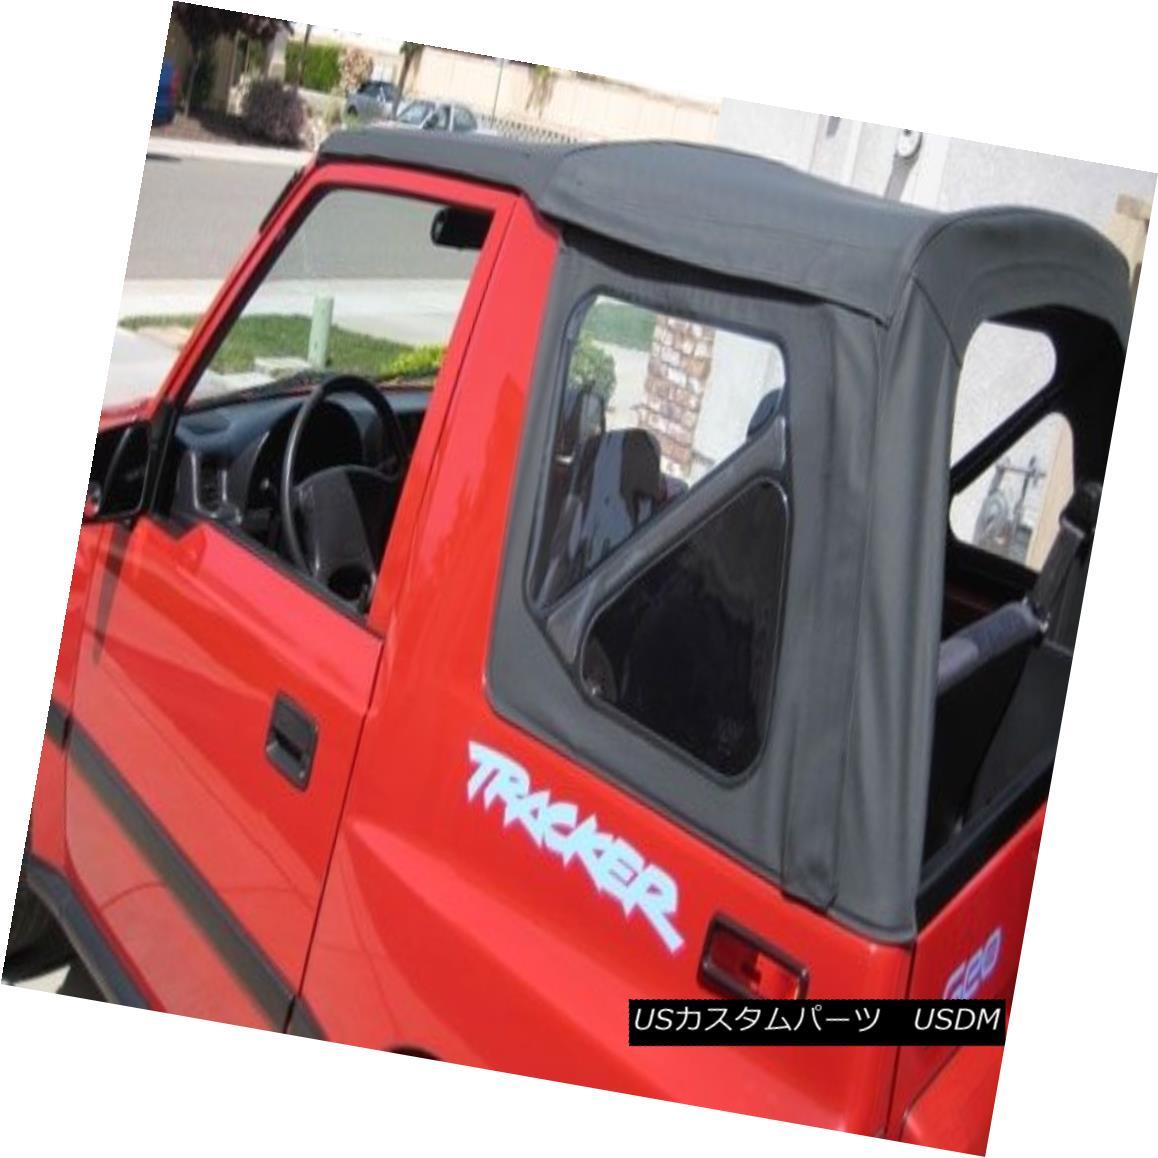 幌・ソフトトップ 1995-1998 Suzuki Sidekick & Geo Tracker Soft Top with Clear Windows Black 1995-1998 Suzuki Sidekick& ジオトラッカーソフトトップクリアウィンドウブラック